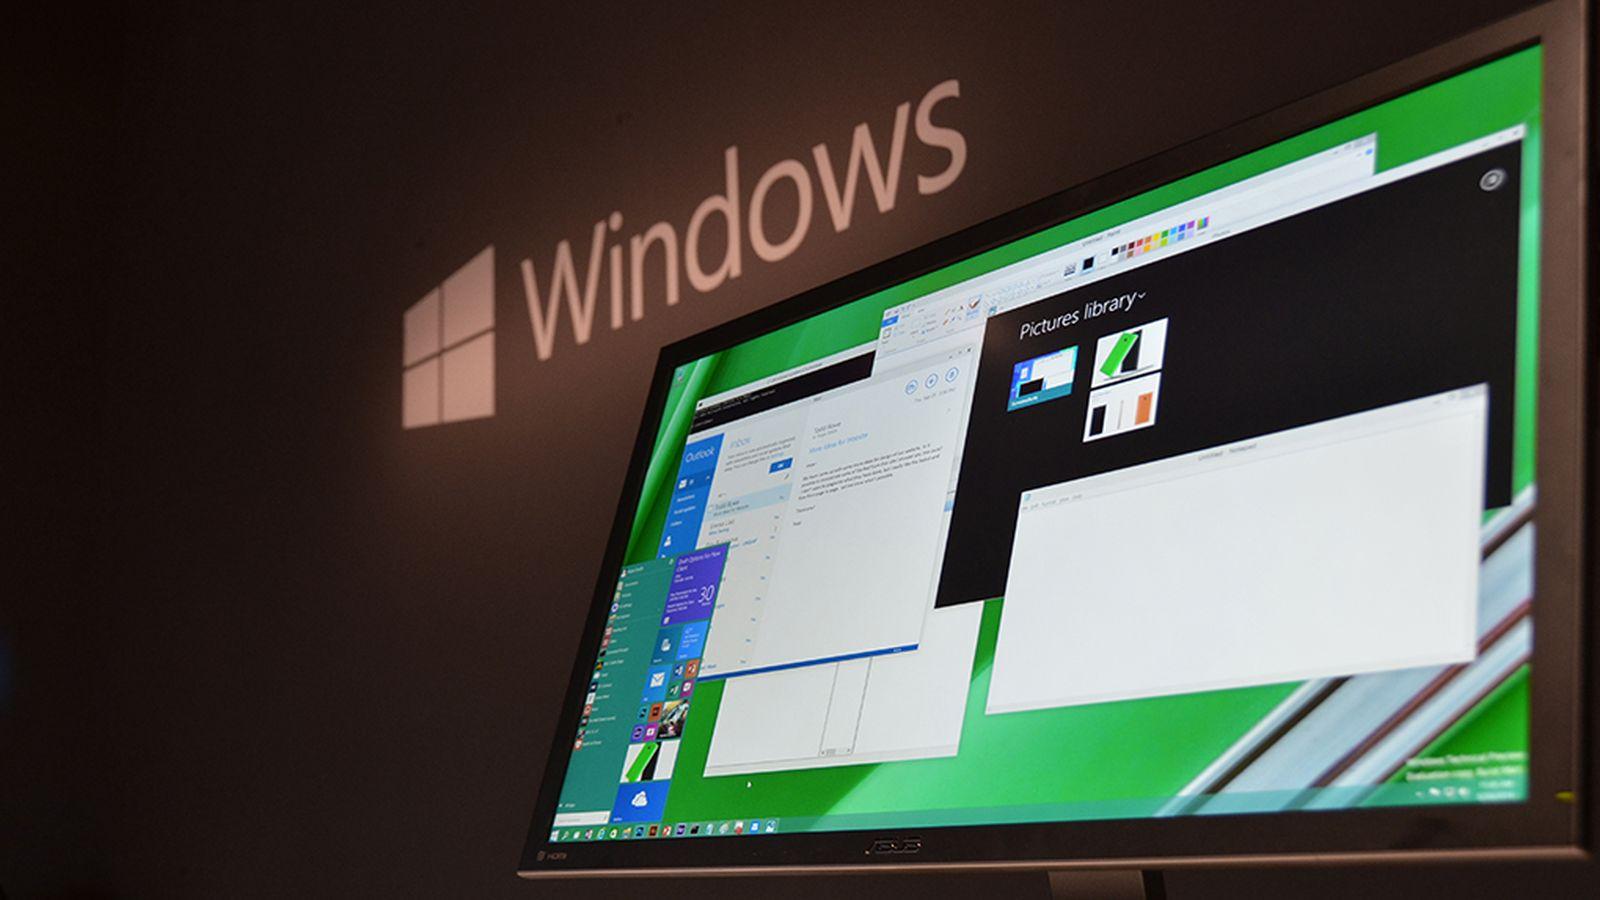 windows10handson1_1020.0.0